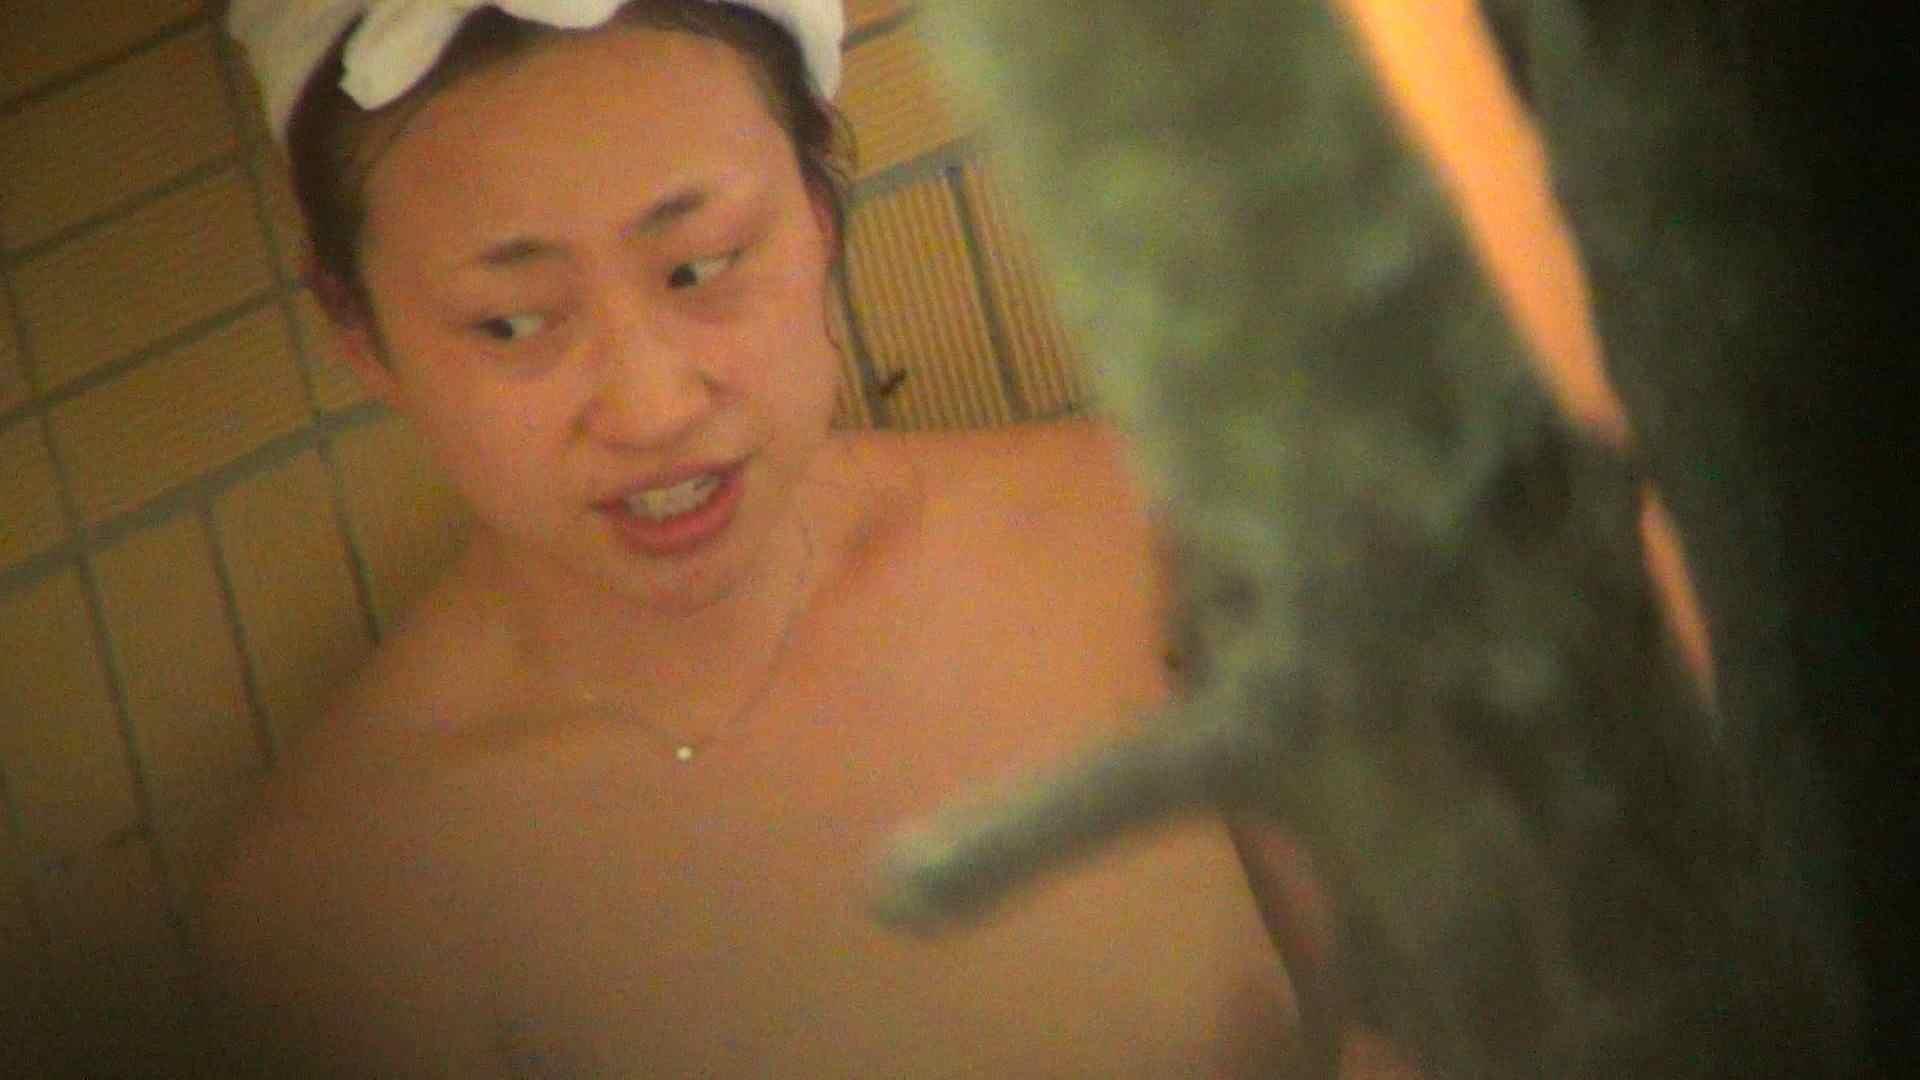 Vol.80 出産経験済みの弛んだ肉体と大胆すぎるアングル OLのボディ 隠し撮りオマンコ動画紹介 54PIX 2